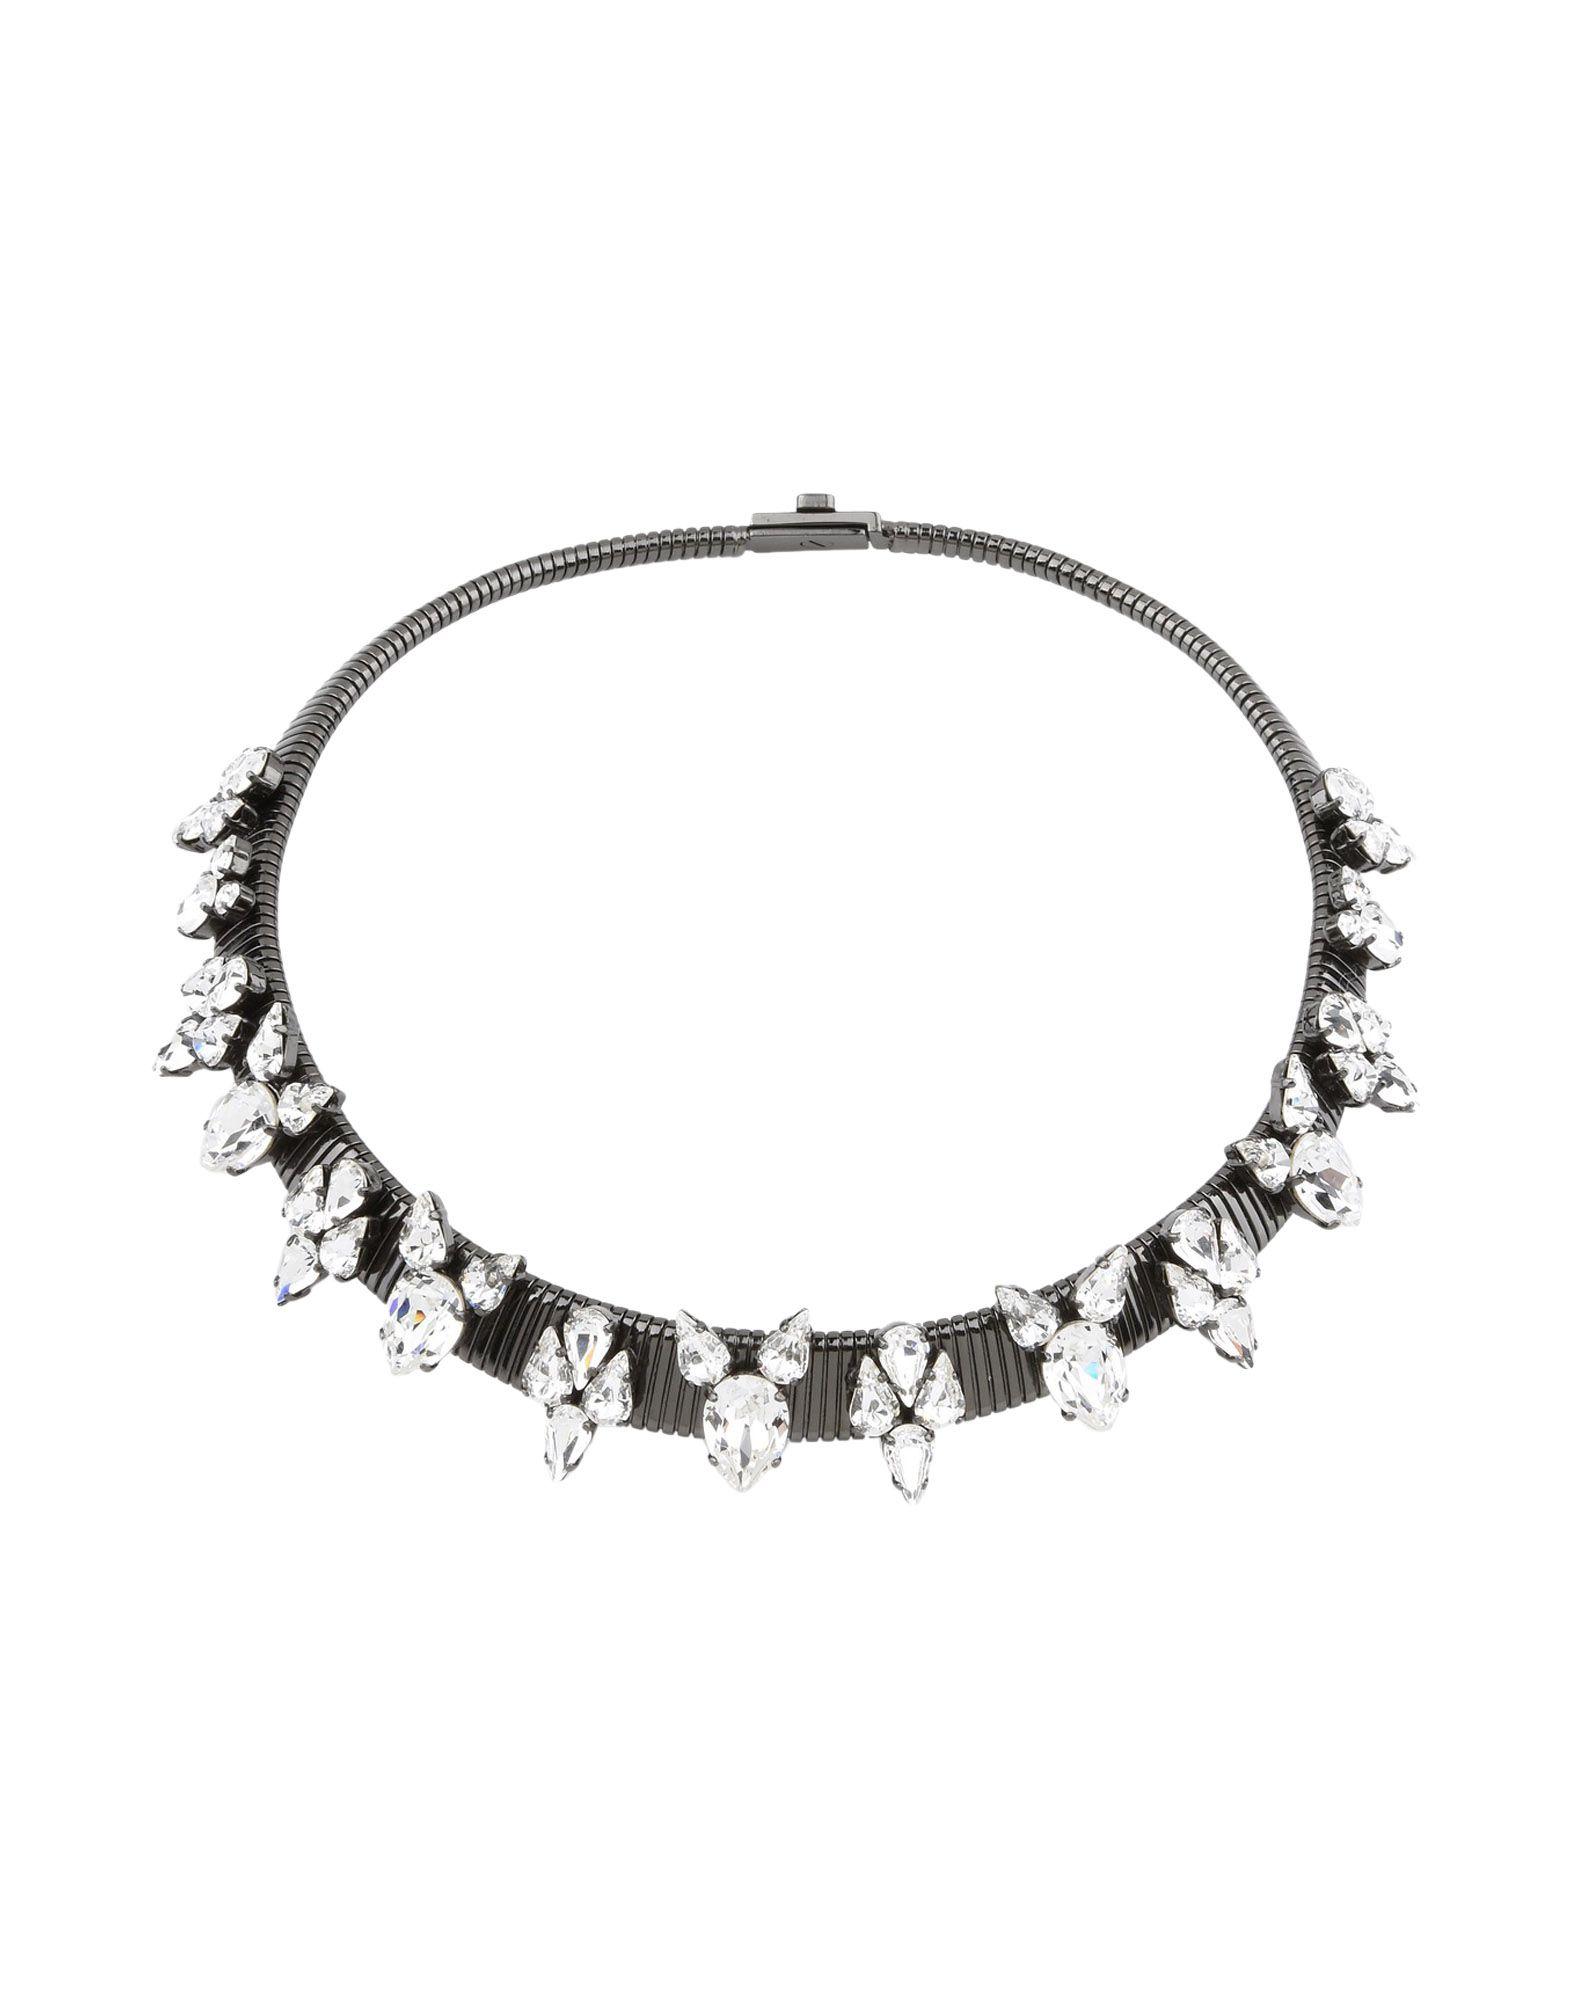 ELLEN CONDE Necklace in Lead